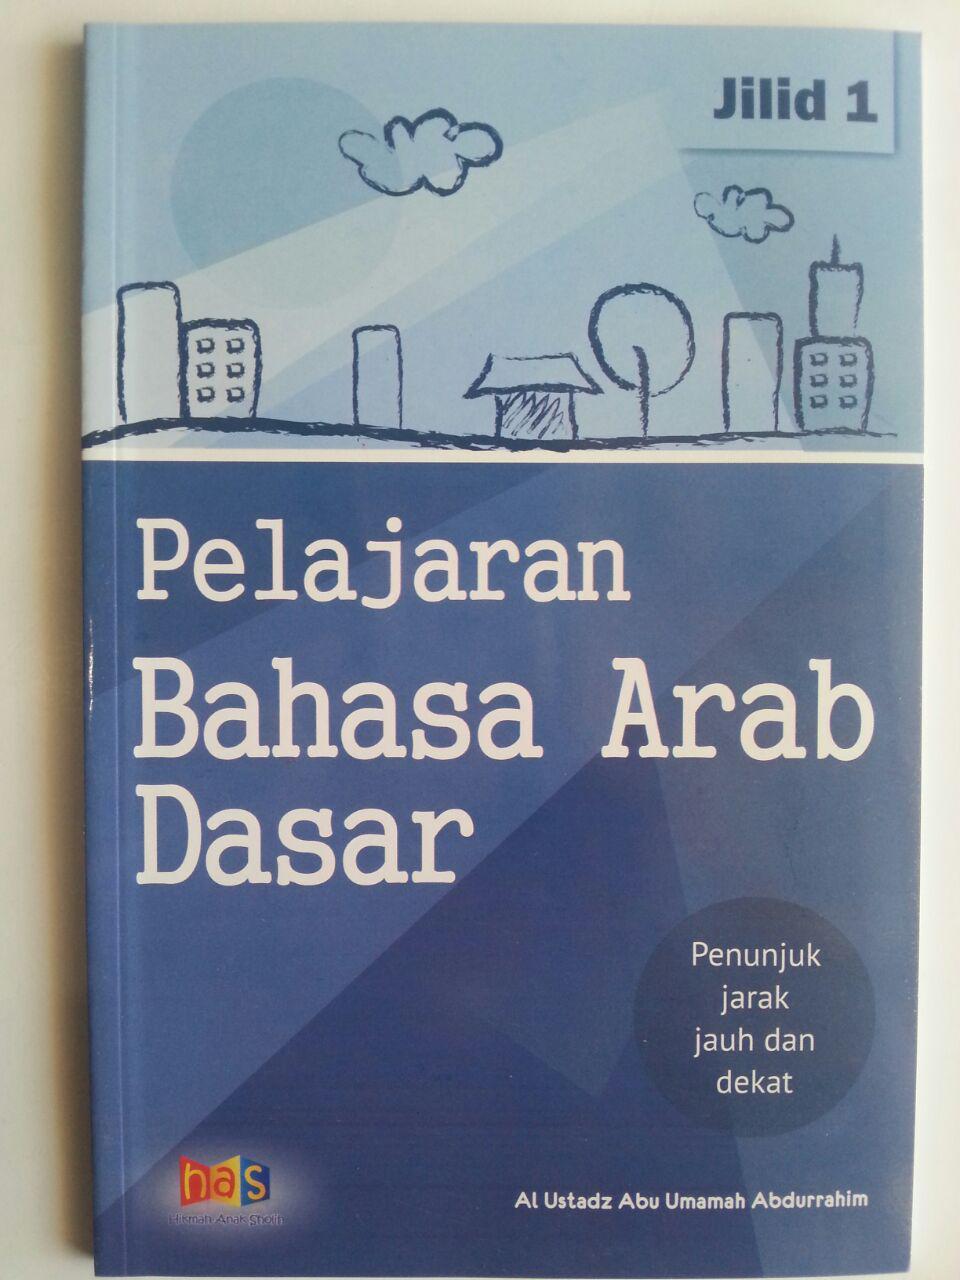 Buku Pelajaran Bahasa Arab Dasar 1 Penunjuk Jarak Jauh Dekat cover 2